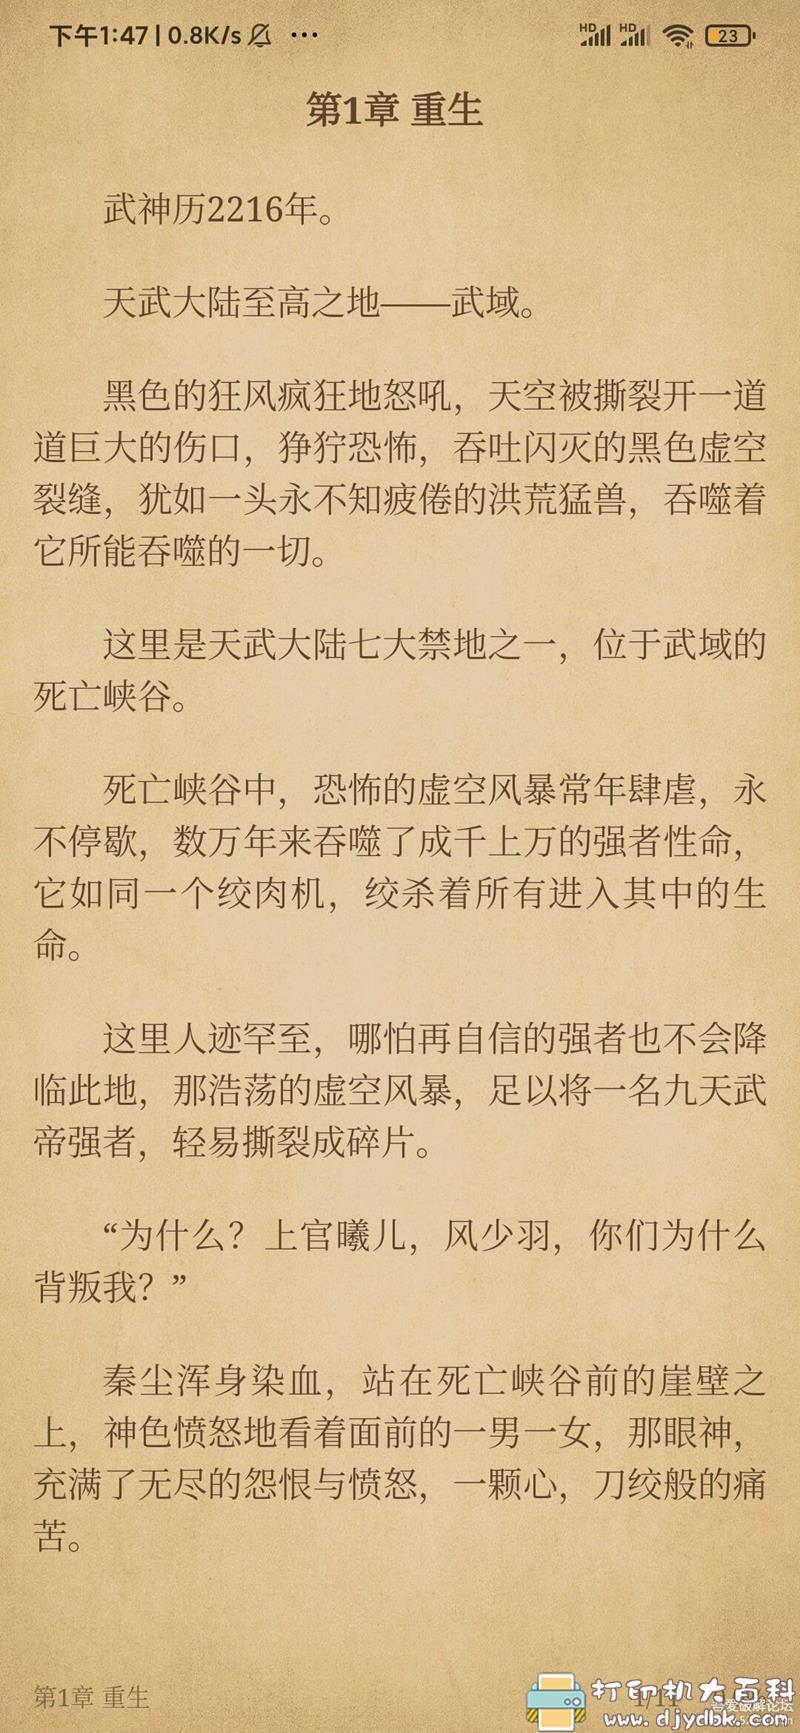 [Android]海量小说免费阅读器:青鸟阅读v1.1.8_无广告清爽版 配图 No.4